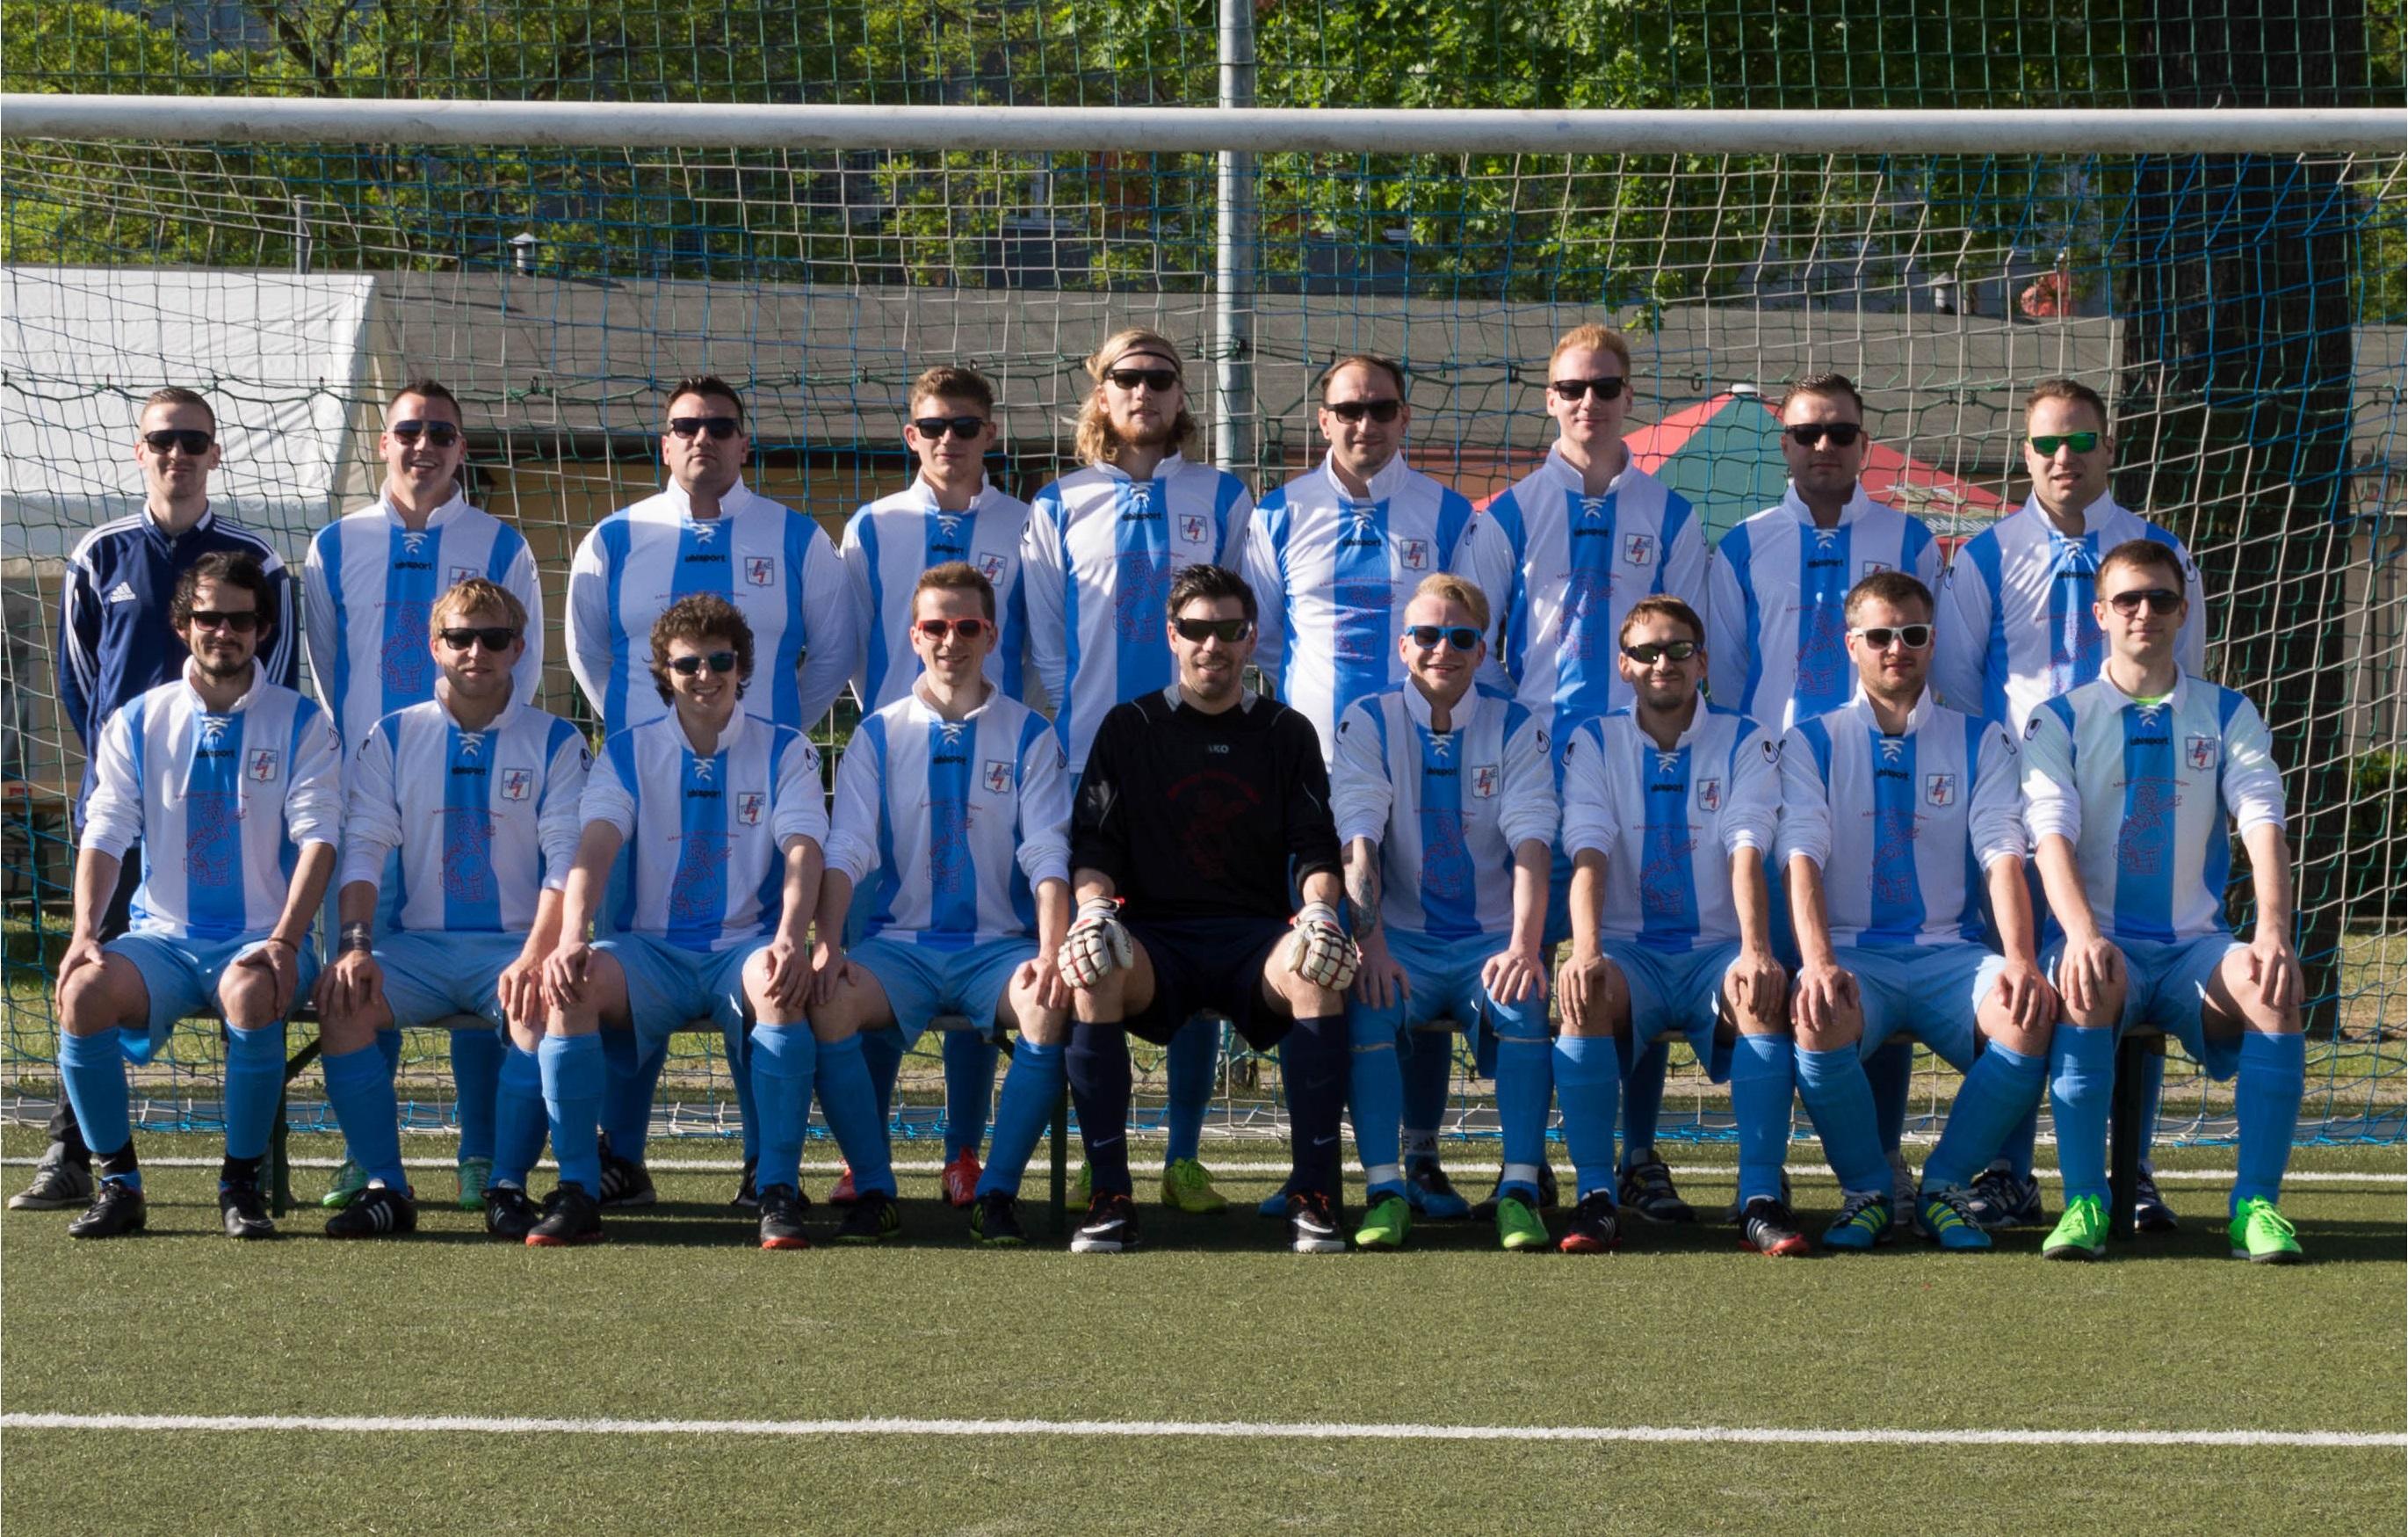 Dritte Männer - USV TU Dresden 2 (Testspiel) @ Kunstrasen Johannstadt   Dresden   Sachsen   Deutschland